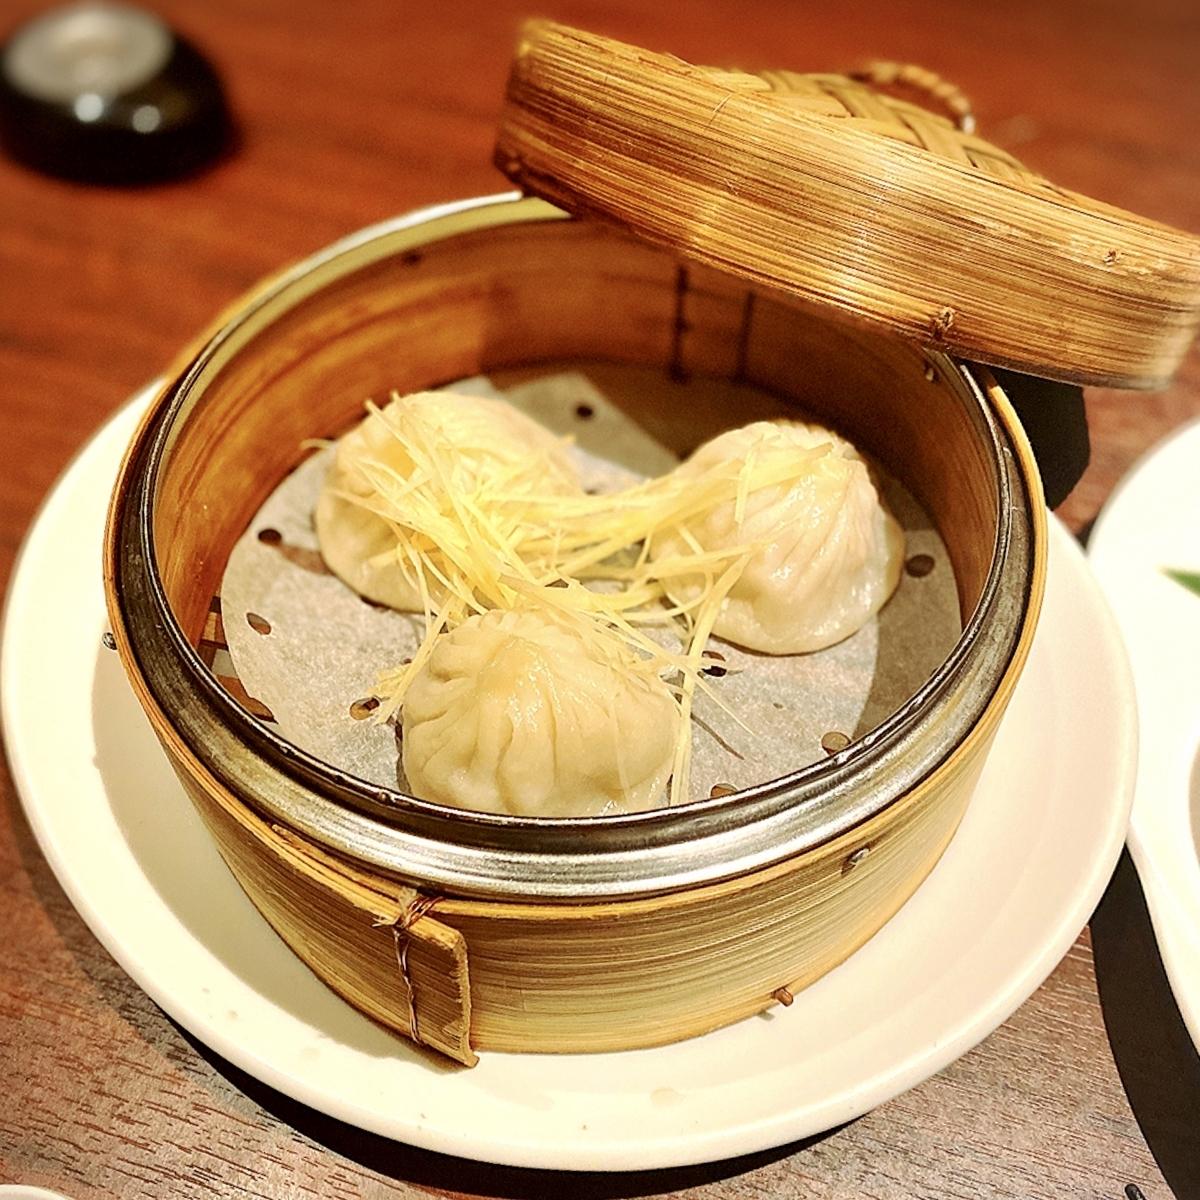 【銀座】高級感ある雰囲気なのにとてもリーズナブル!けれどとても美味い中華が味わえる